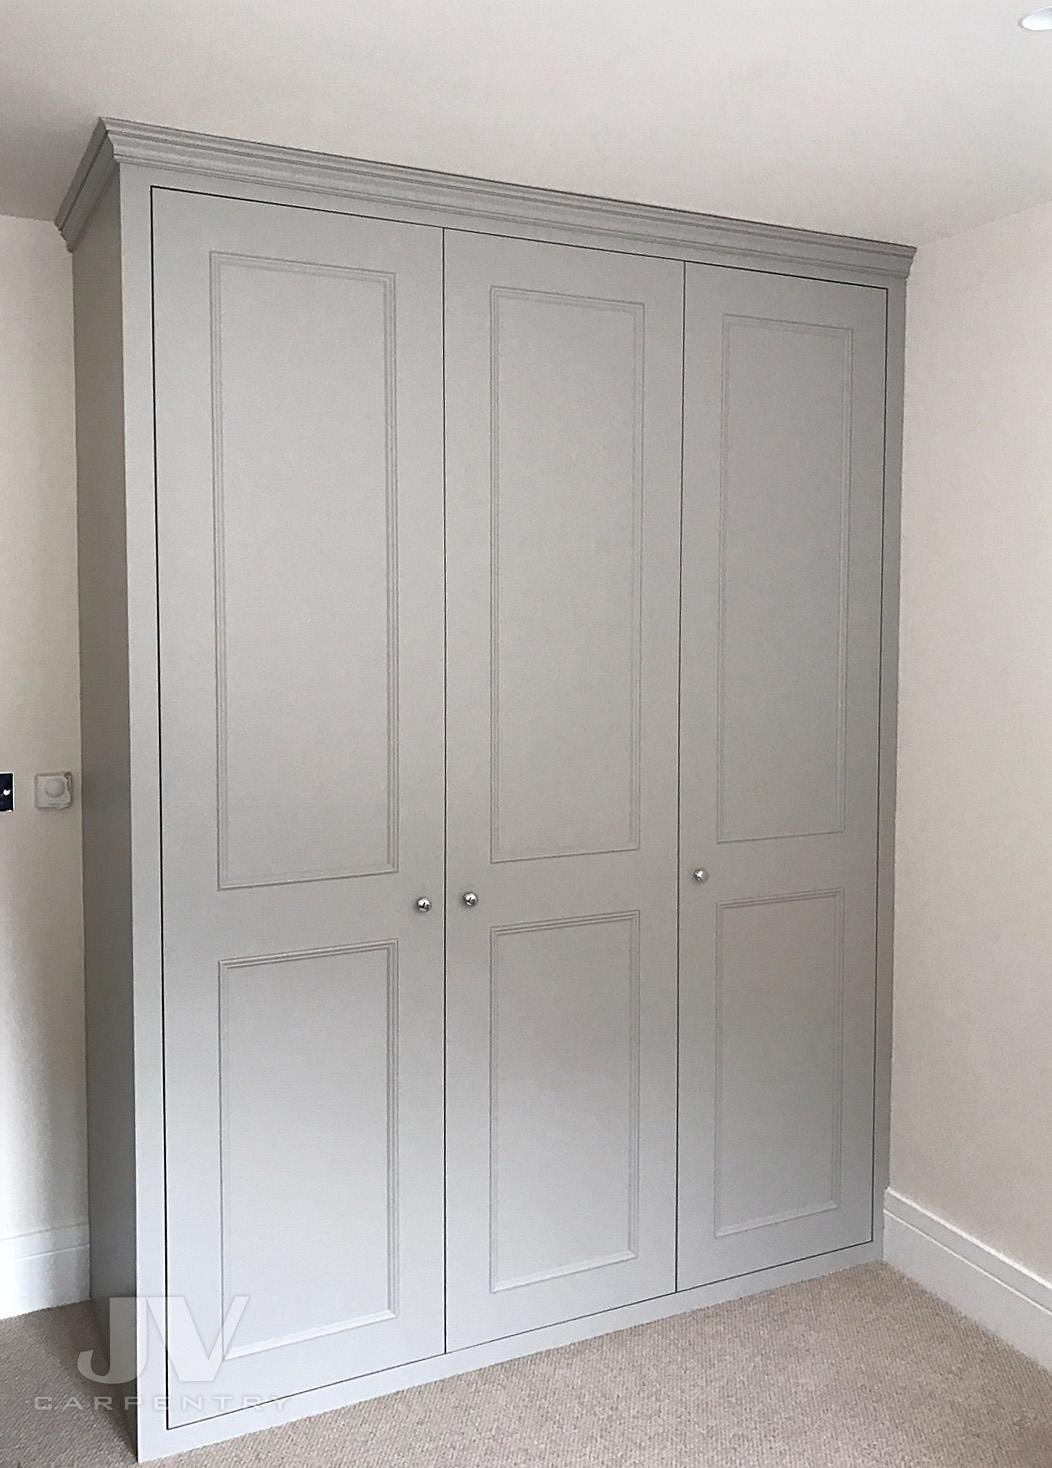 grey built-in wardrobe